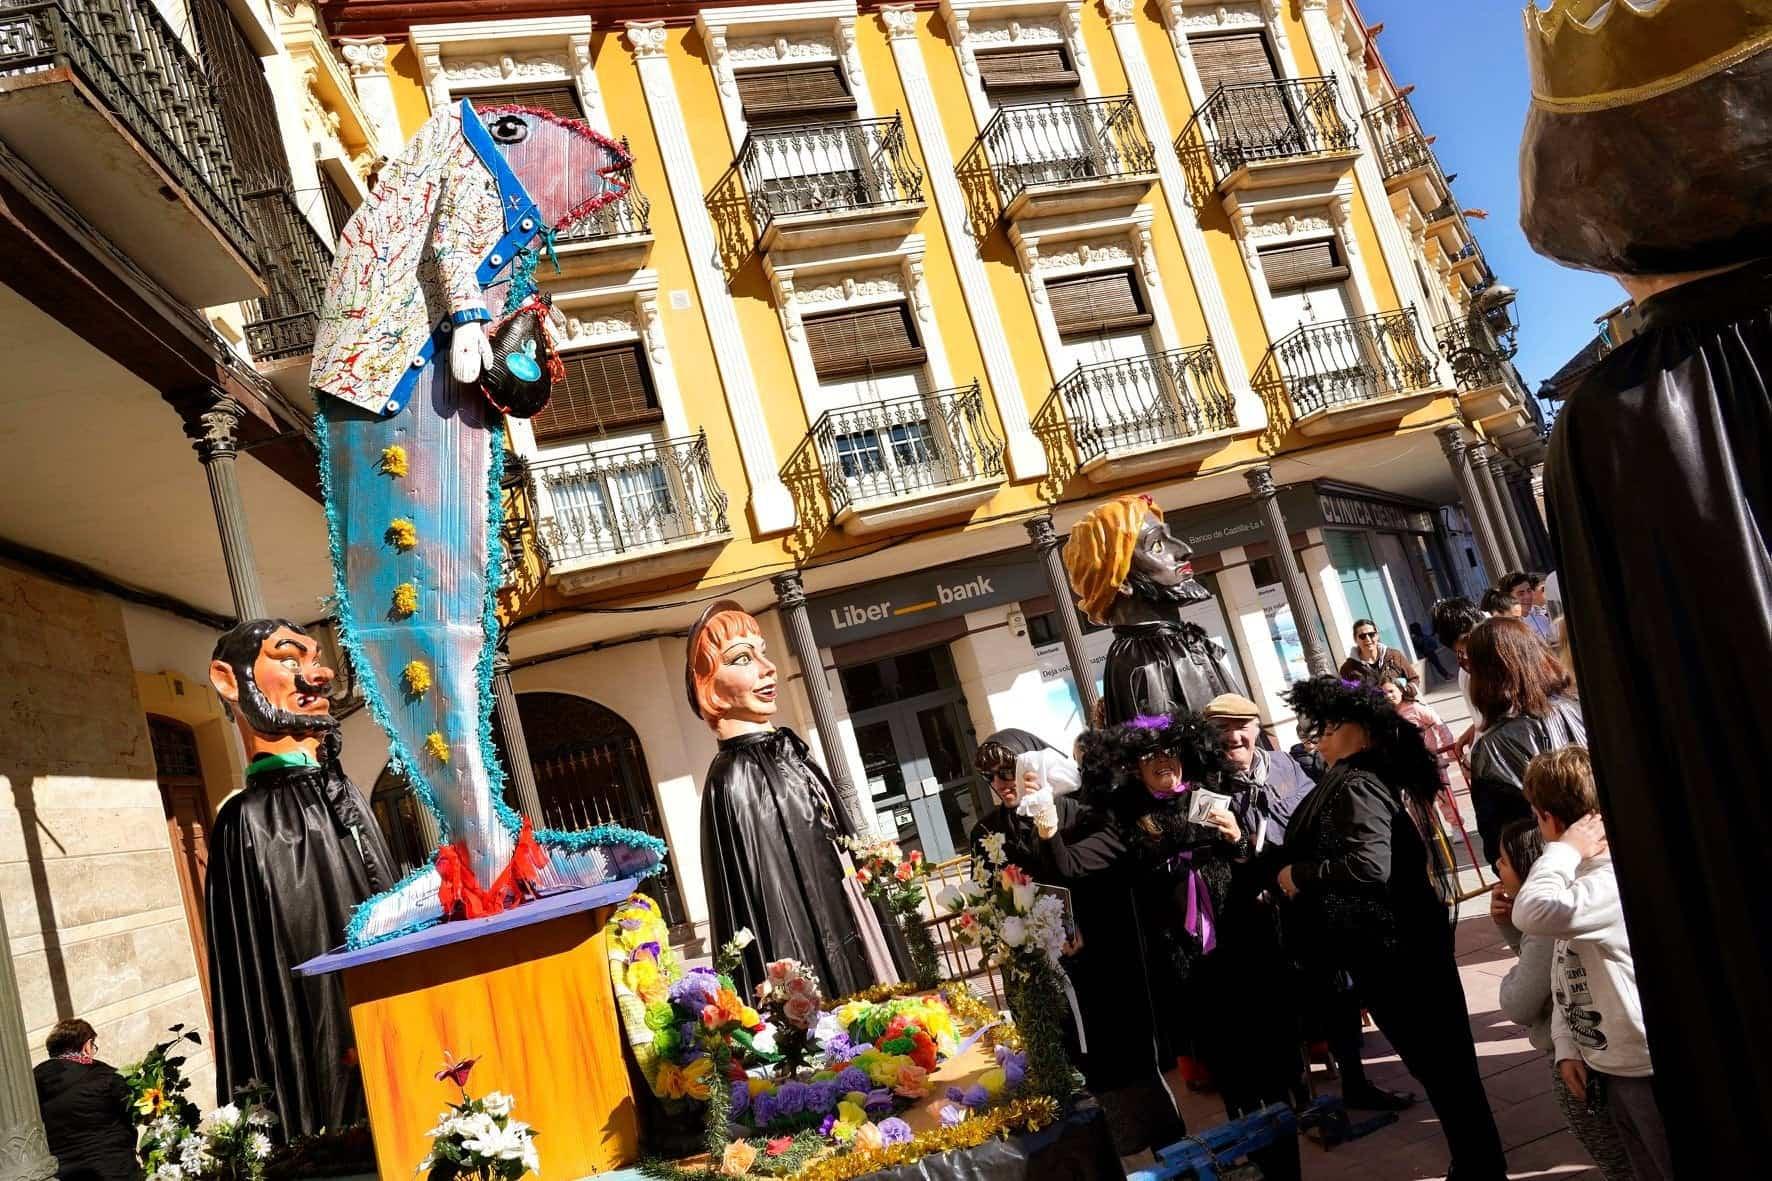 Carnaval de Herencia 2020 entierro sardina 19 - El Entierro de la Sardina 2020 del Carnaval de Herencia